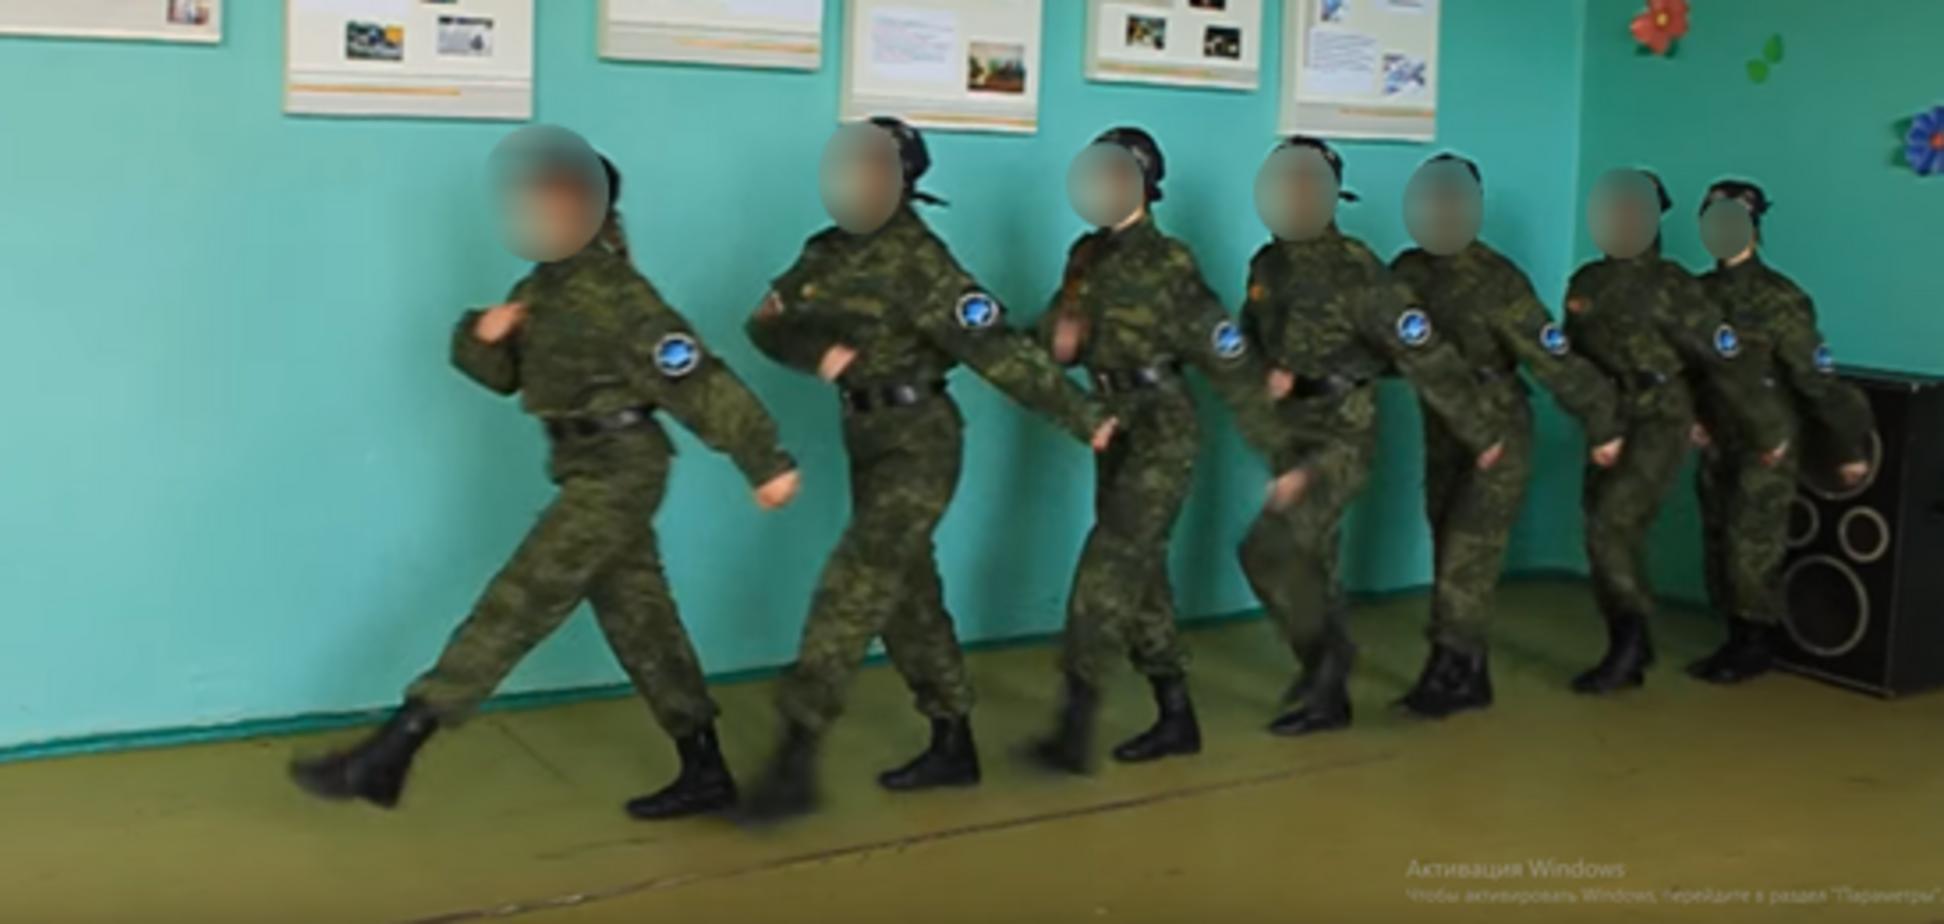 'ДНРовцы' обучали детей стрелять и взрывать бомбы на Донбассе: доказательства